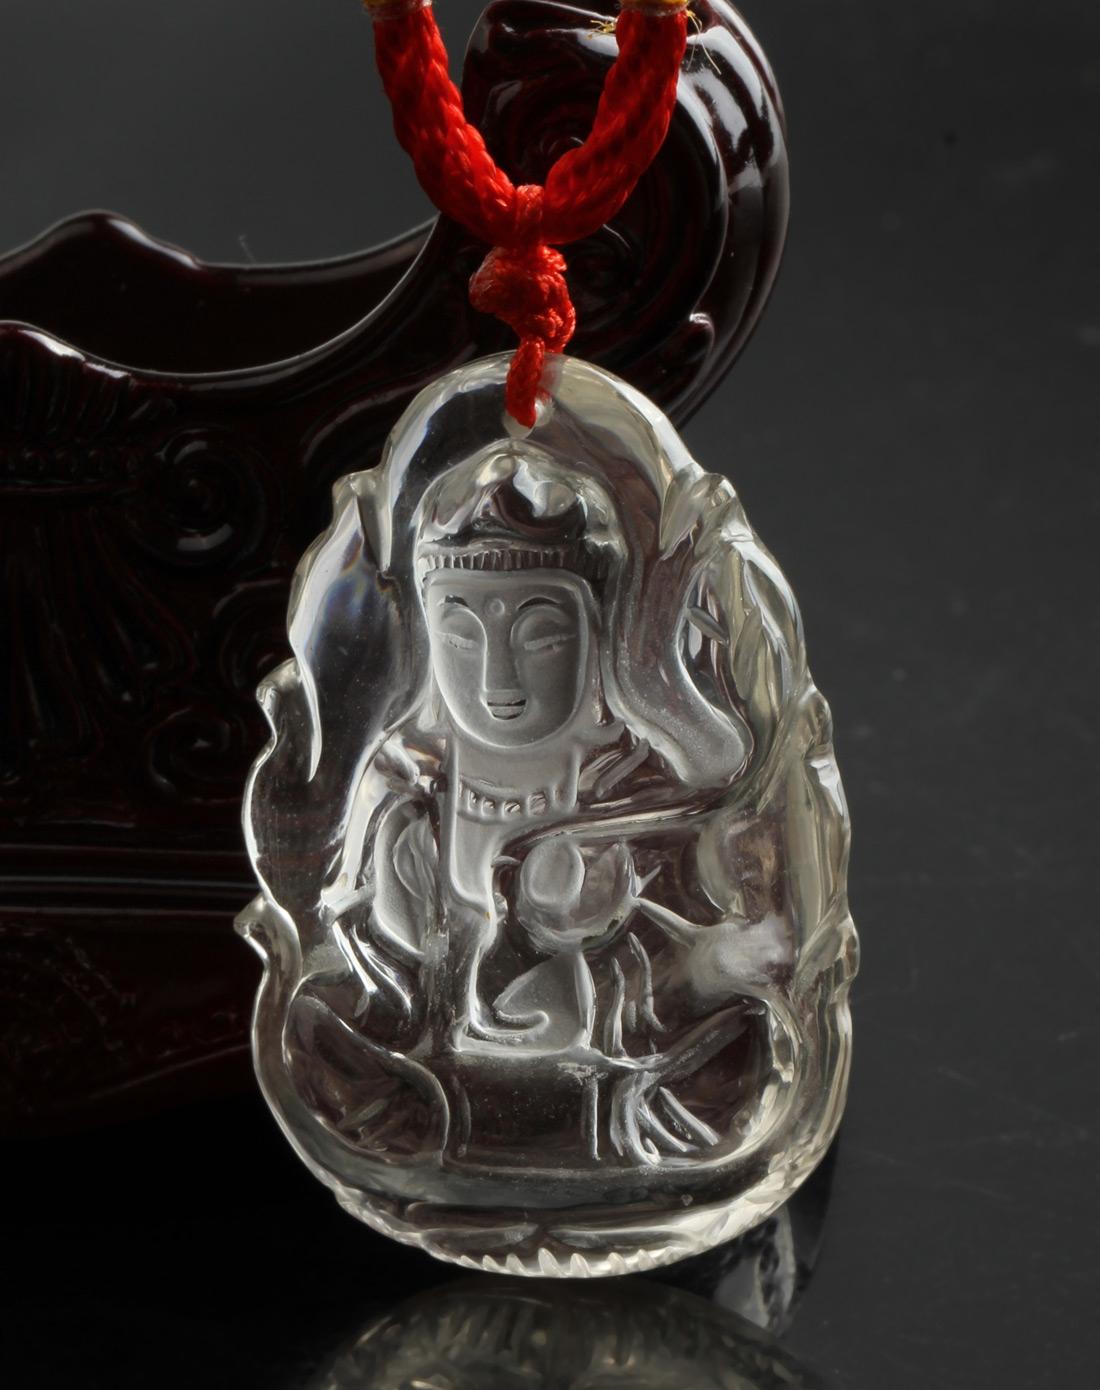 水晶雕 - 观音像    2 - h_x_y_123456 - 何晓昱的艺术博客